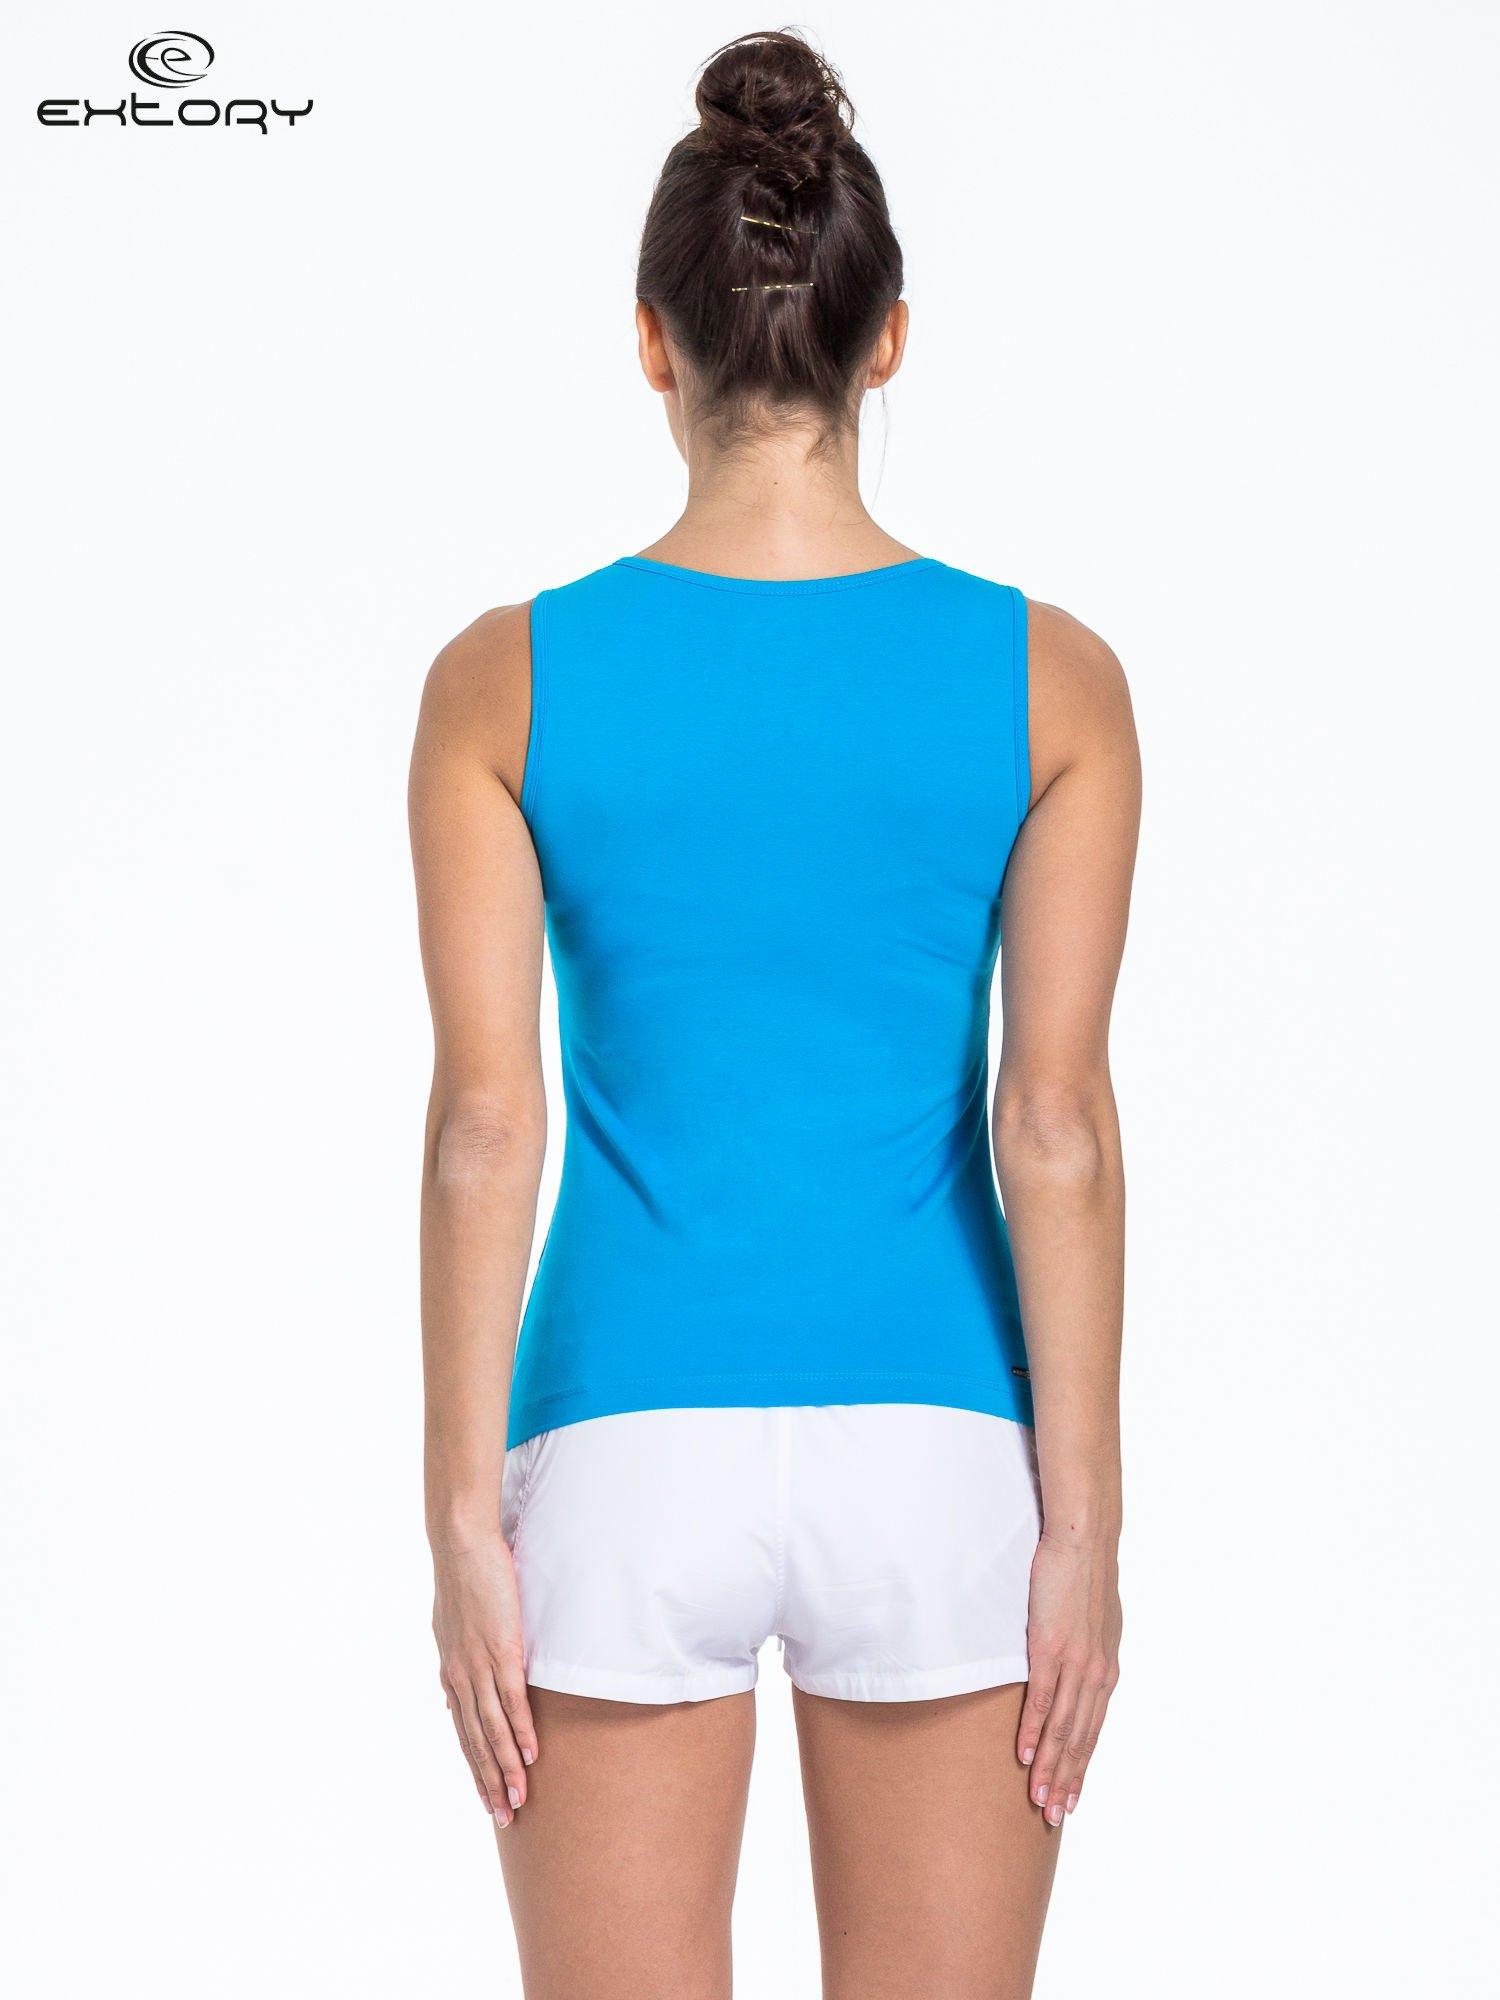 Niebieski top sportowy z białą wstawką                                  zdj.                                  3